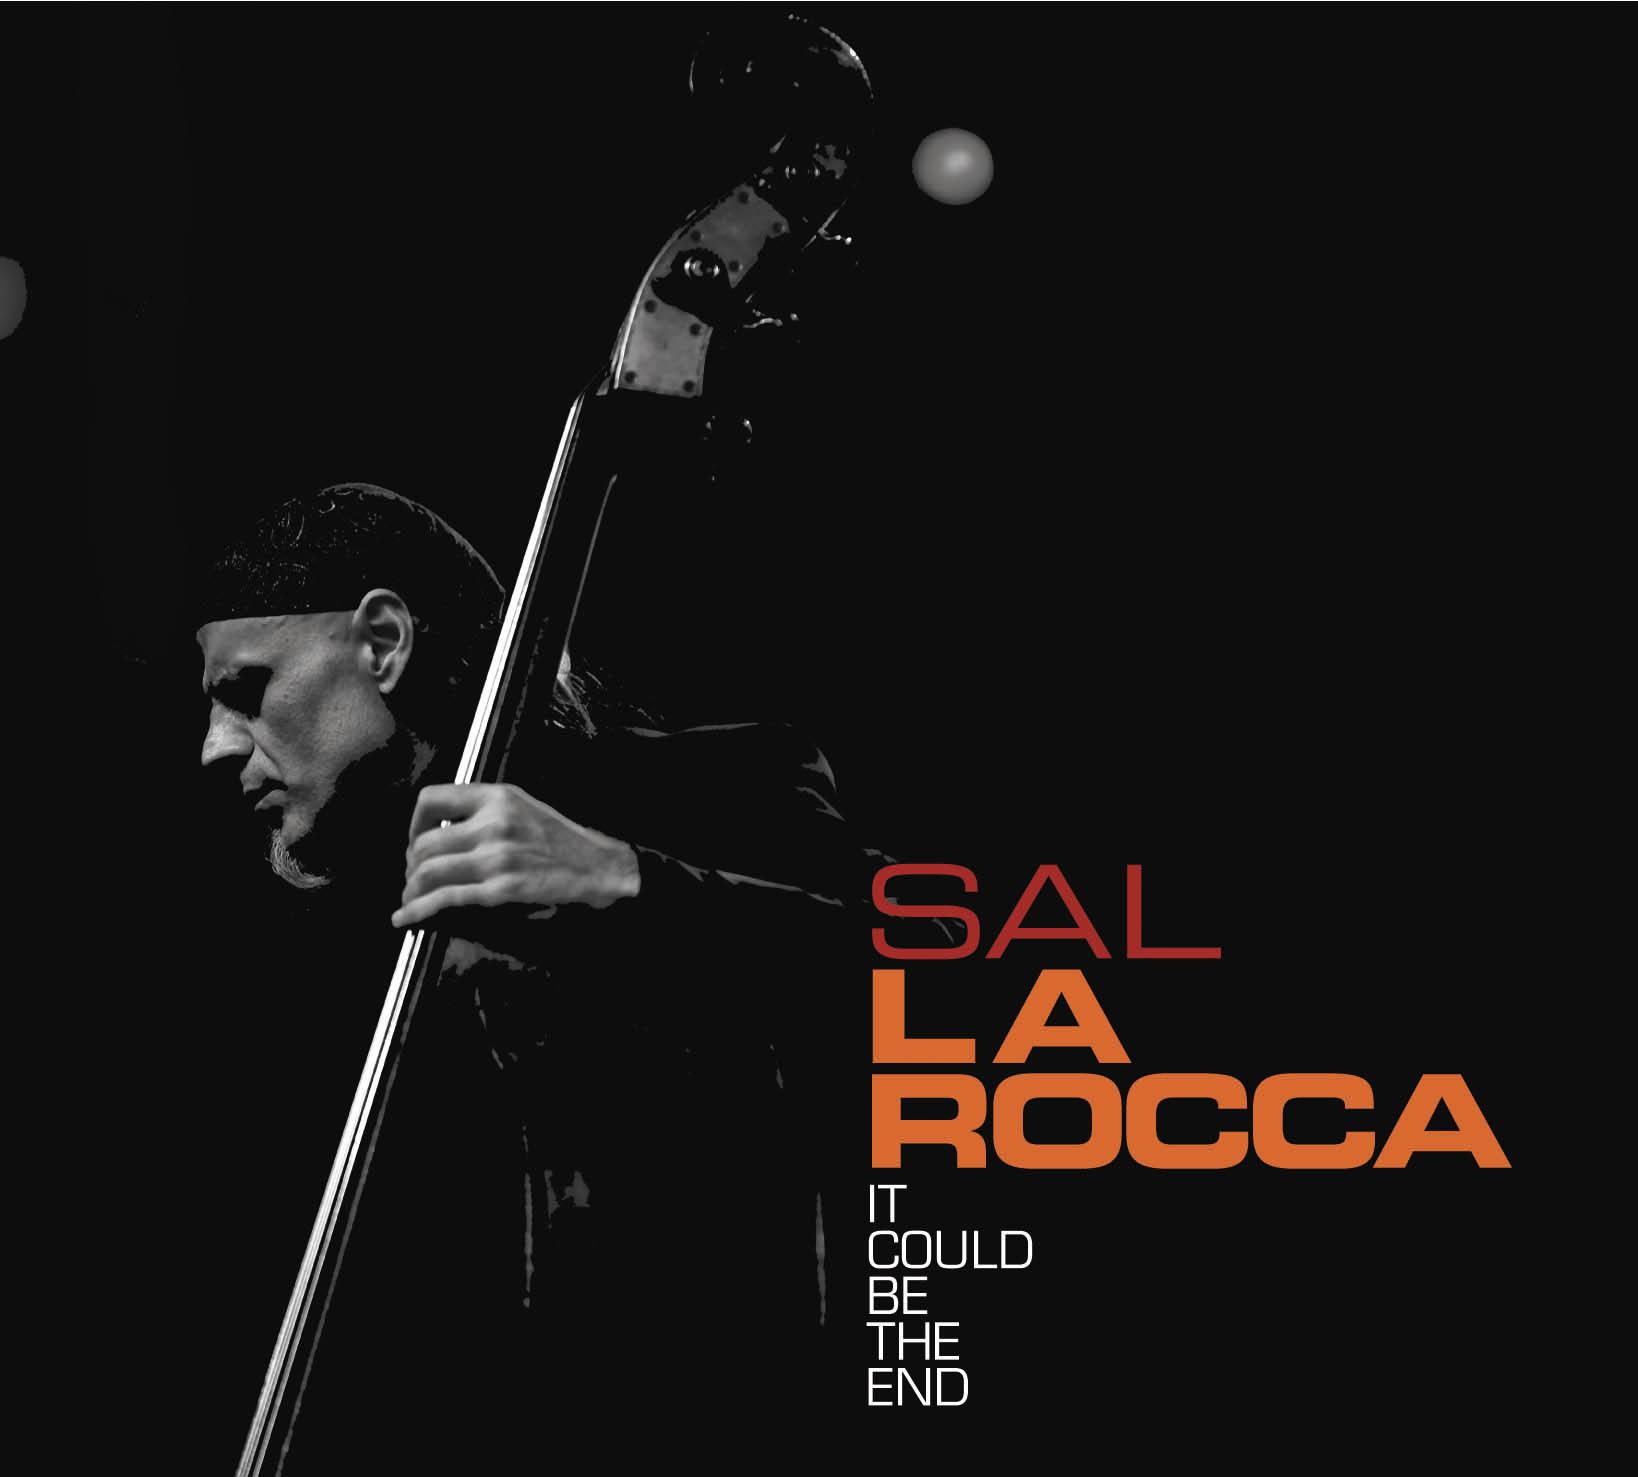 Sal La rocca Band